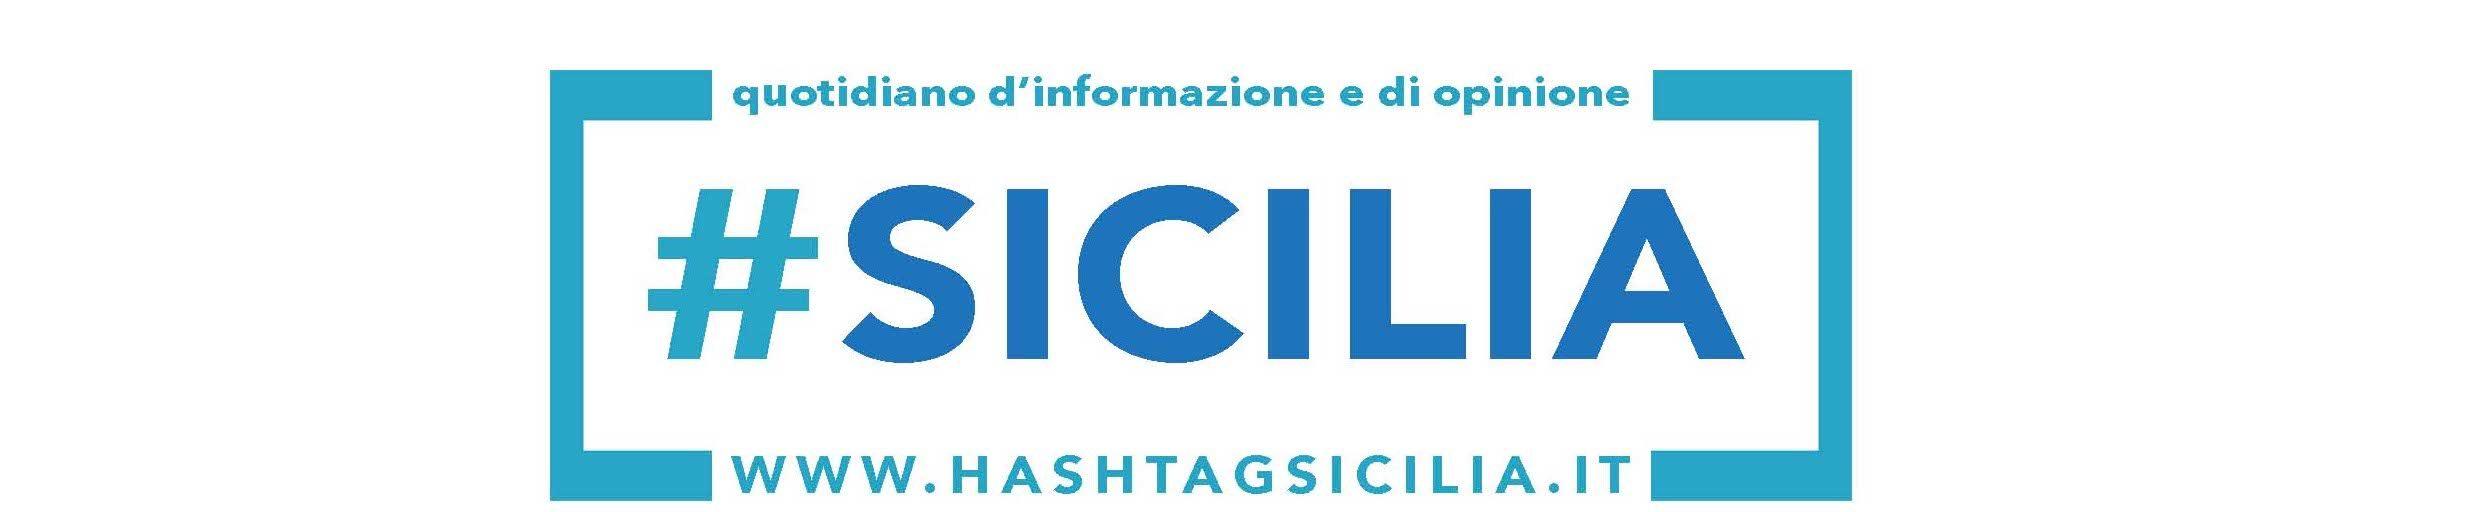 Hashtag Sicilia logo